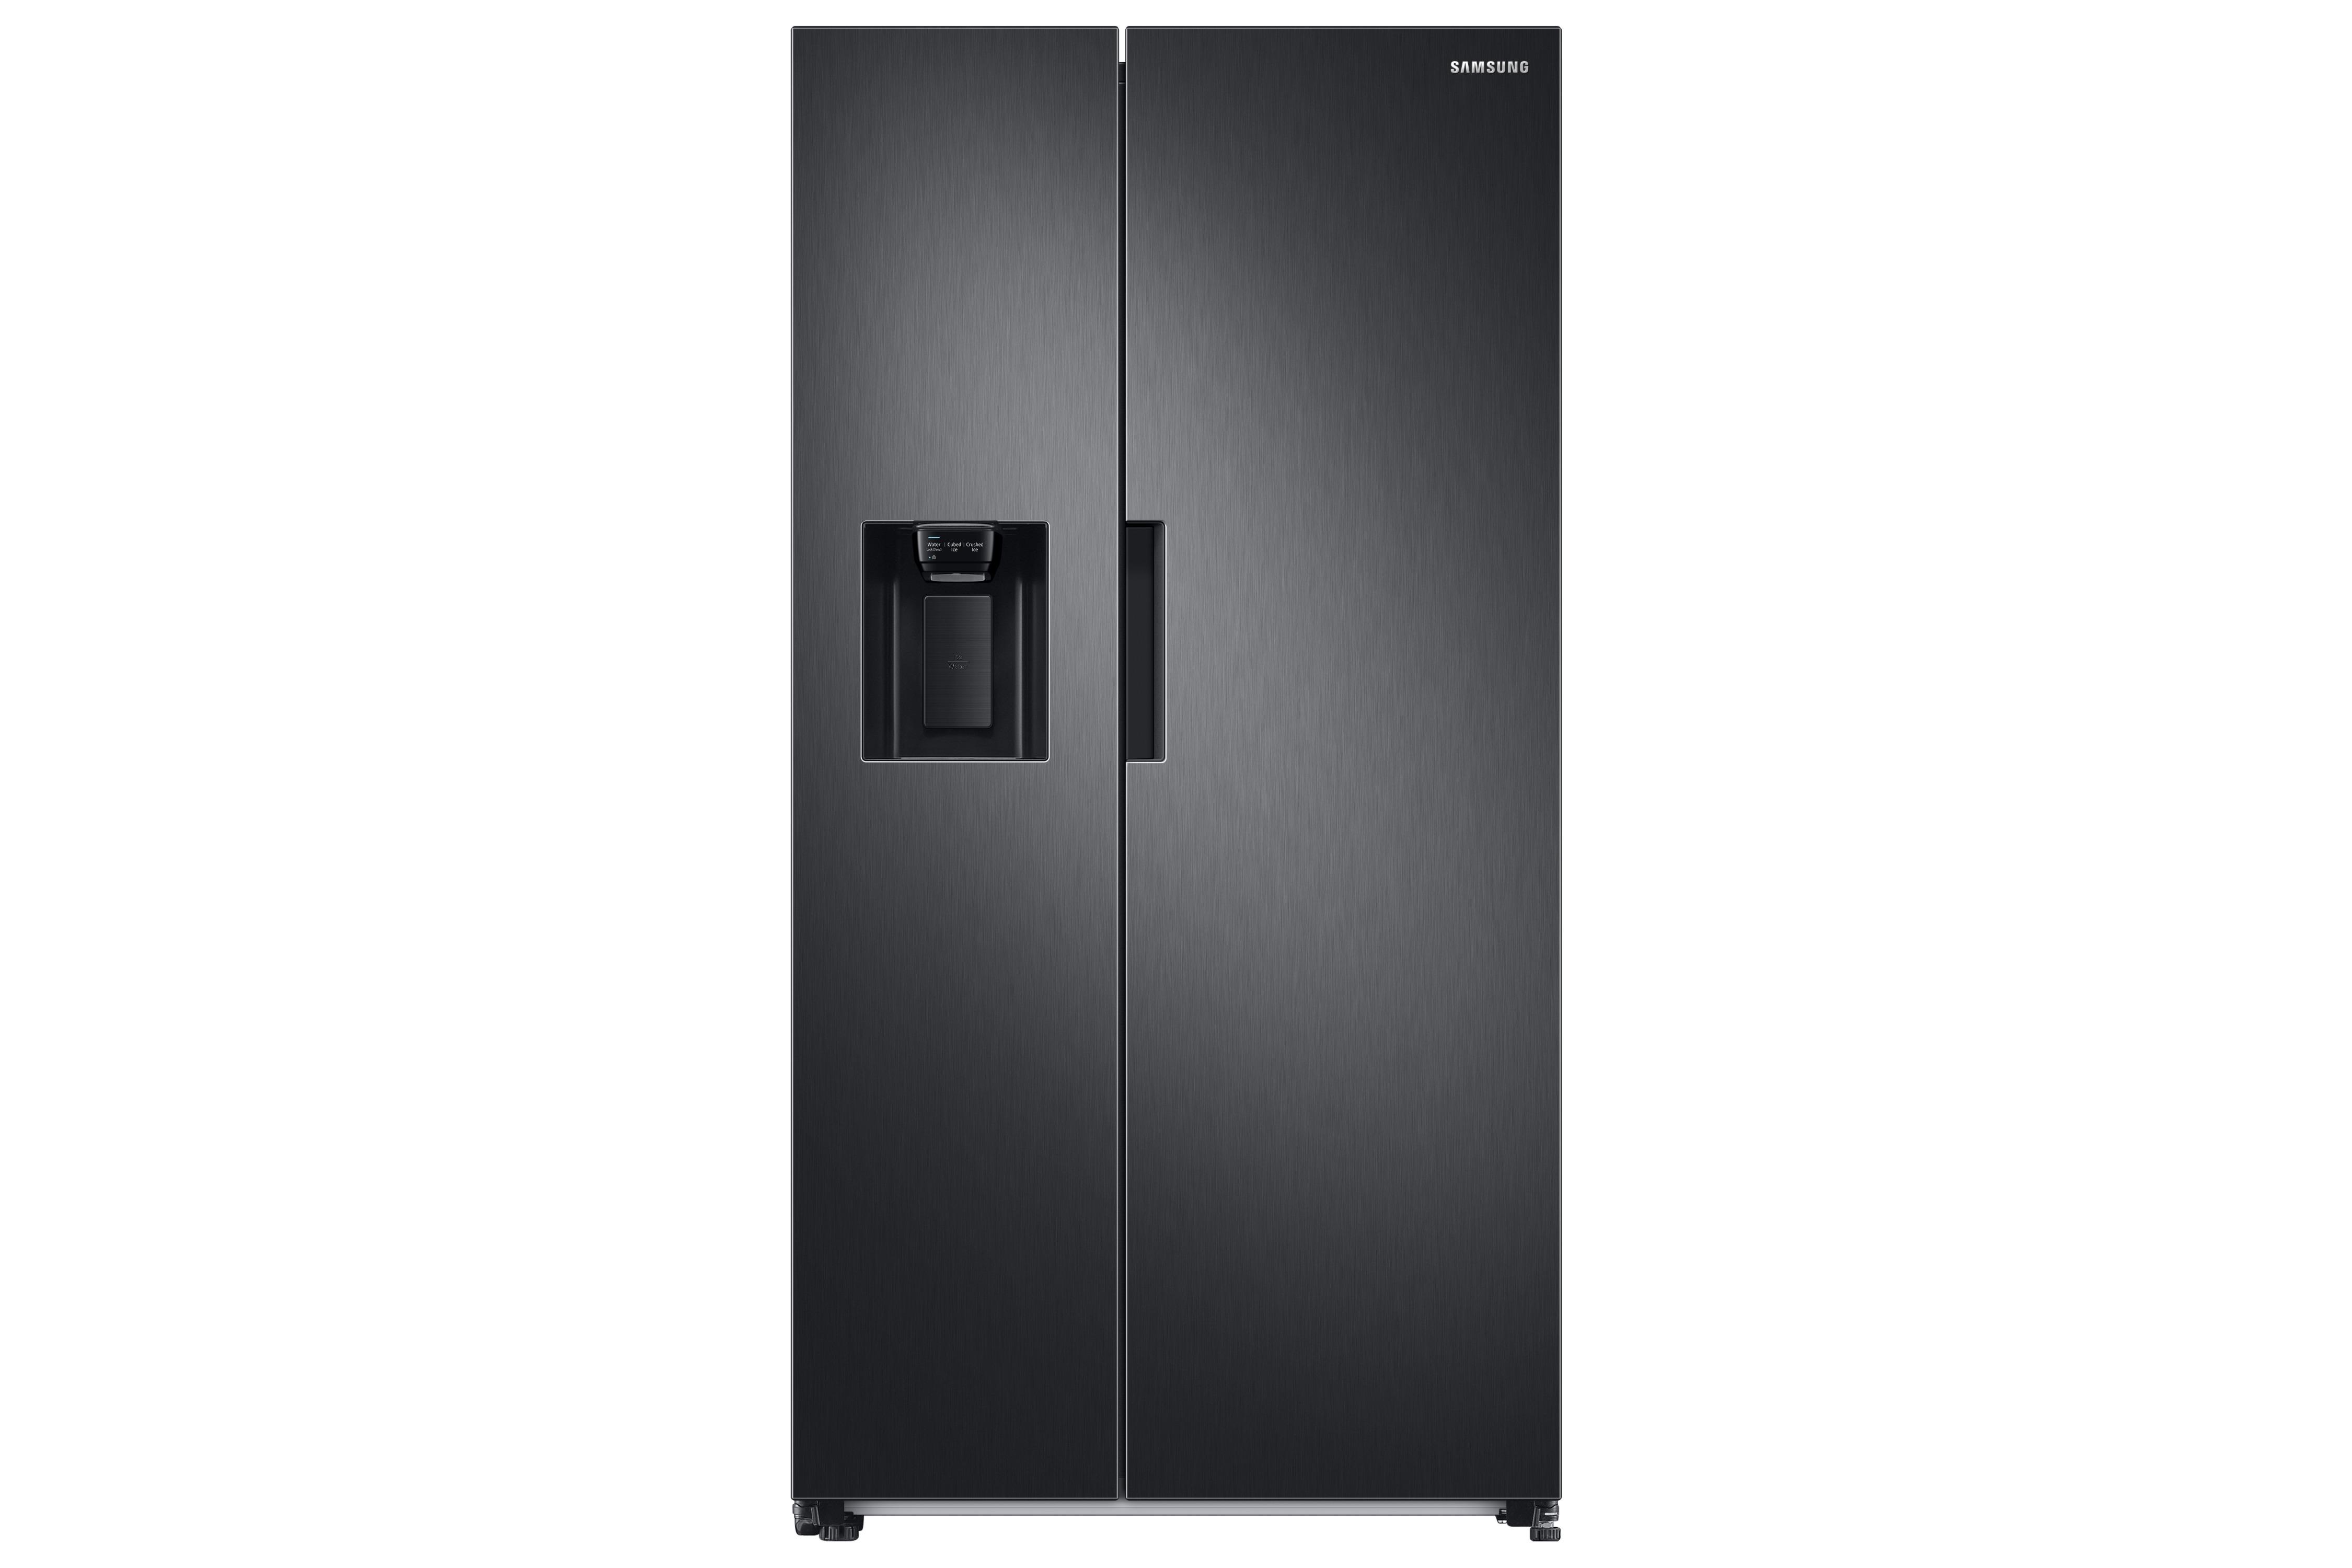 Samsung RS67A8811B1/EF Amerikaanse koelkast